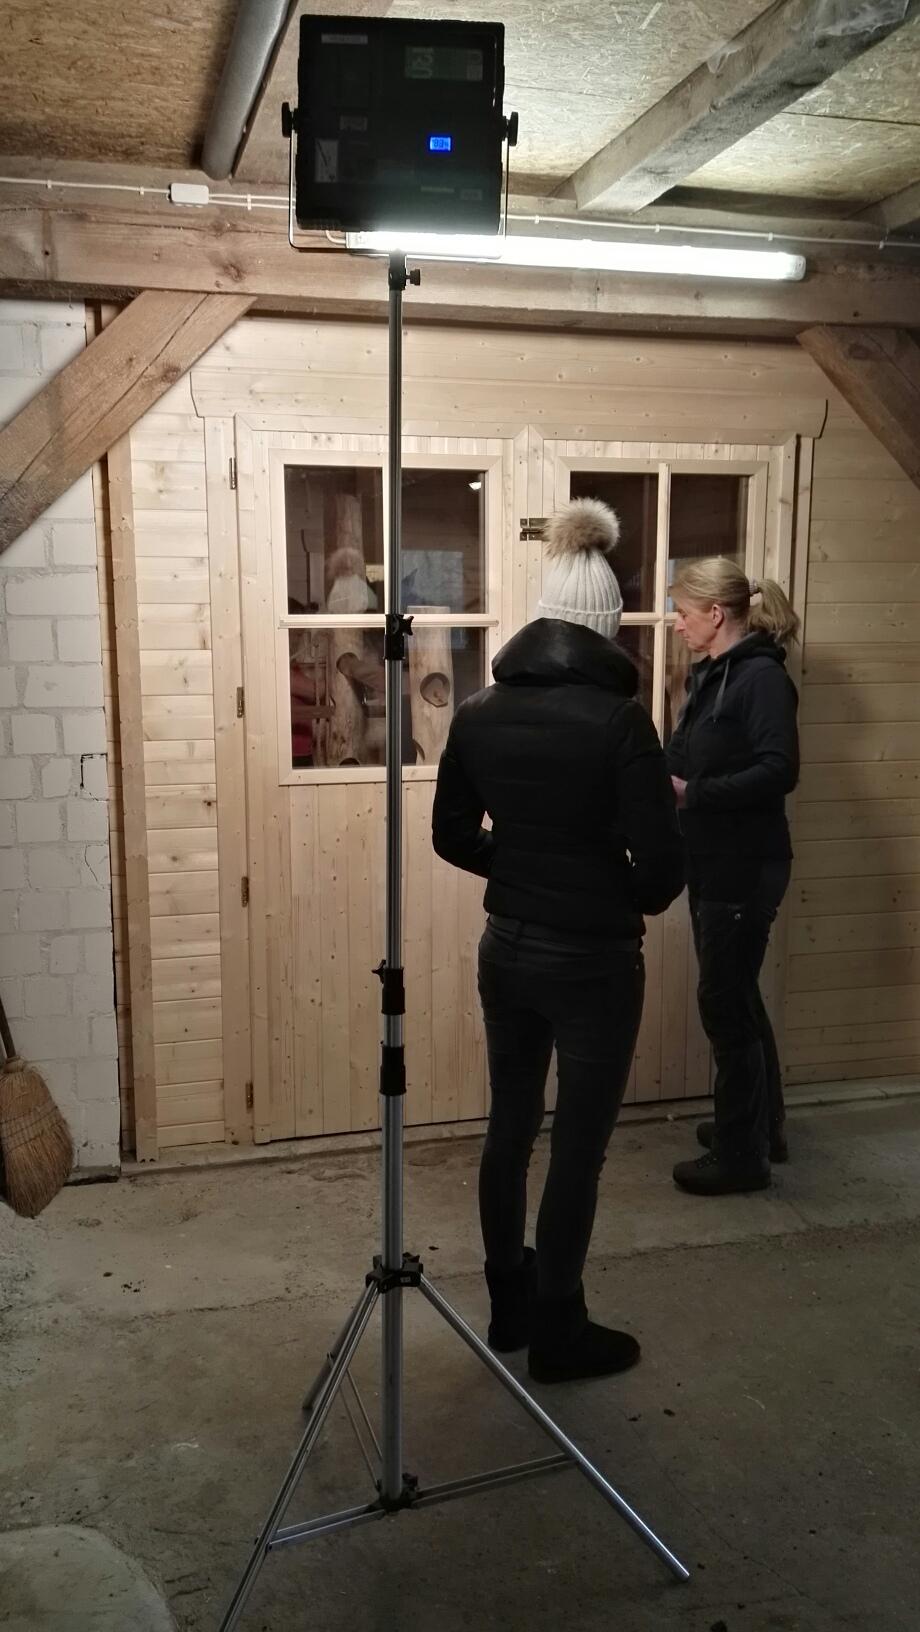 die pferdesauna gebaut von wellnessdrops bei rtl. Black Bedroom Furniture Sets. Home Design Ideas